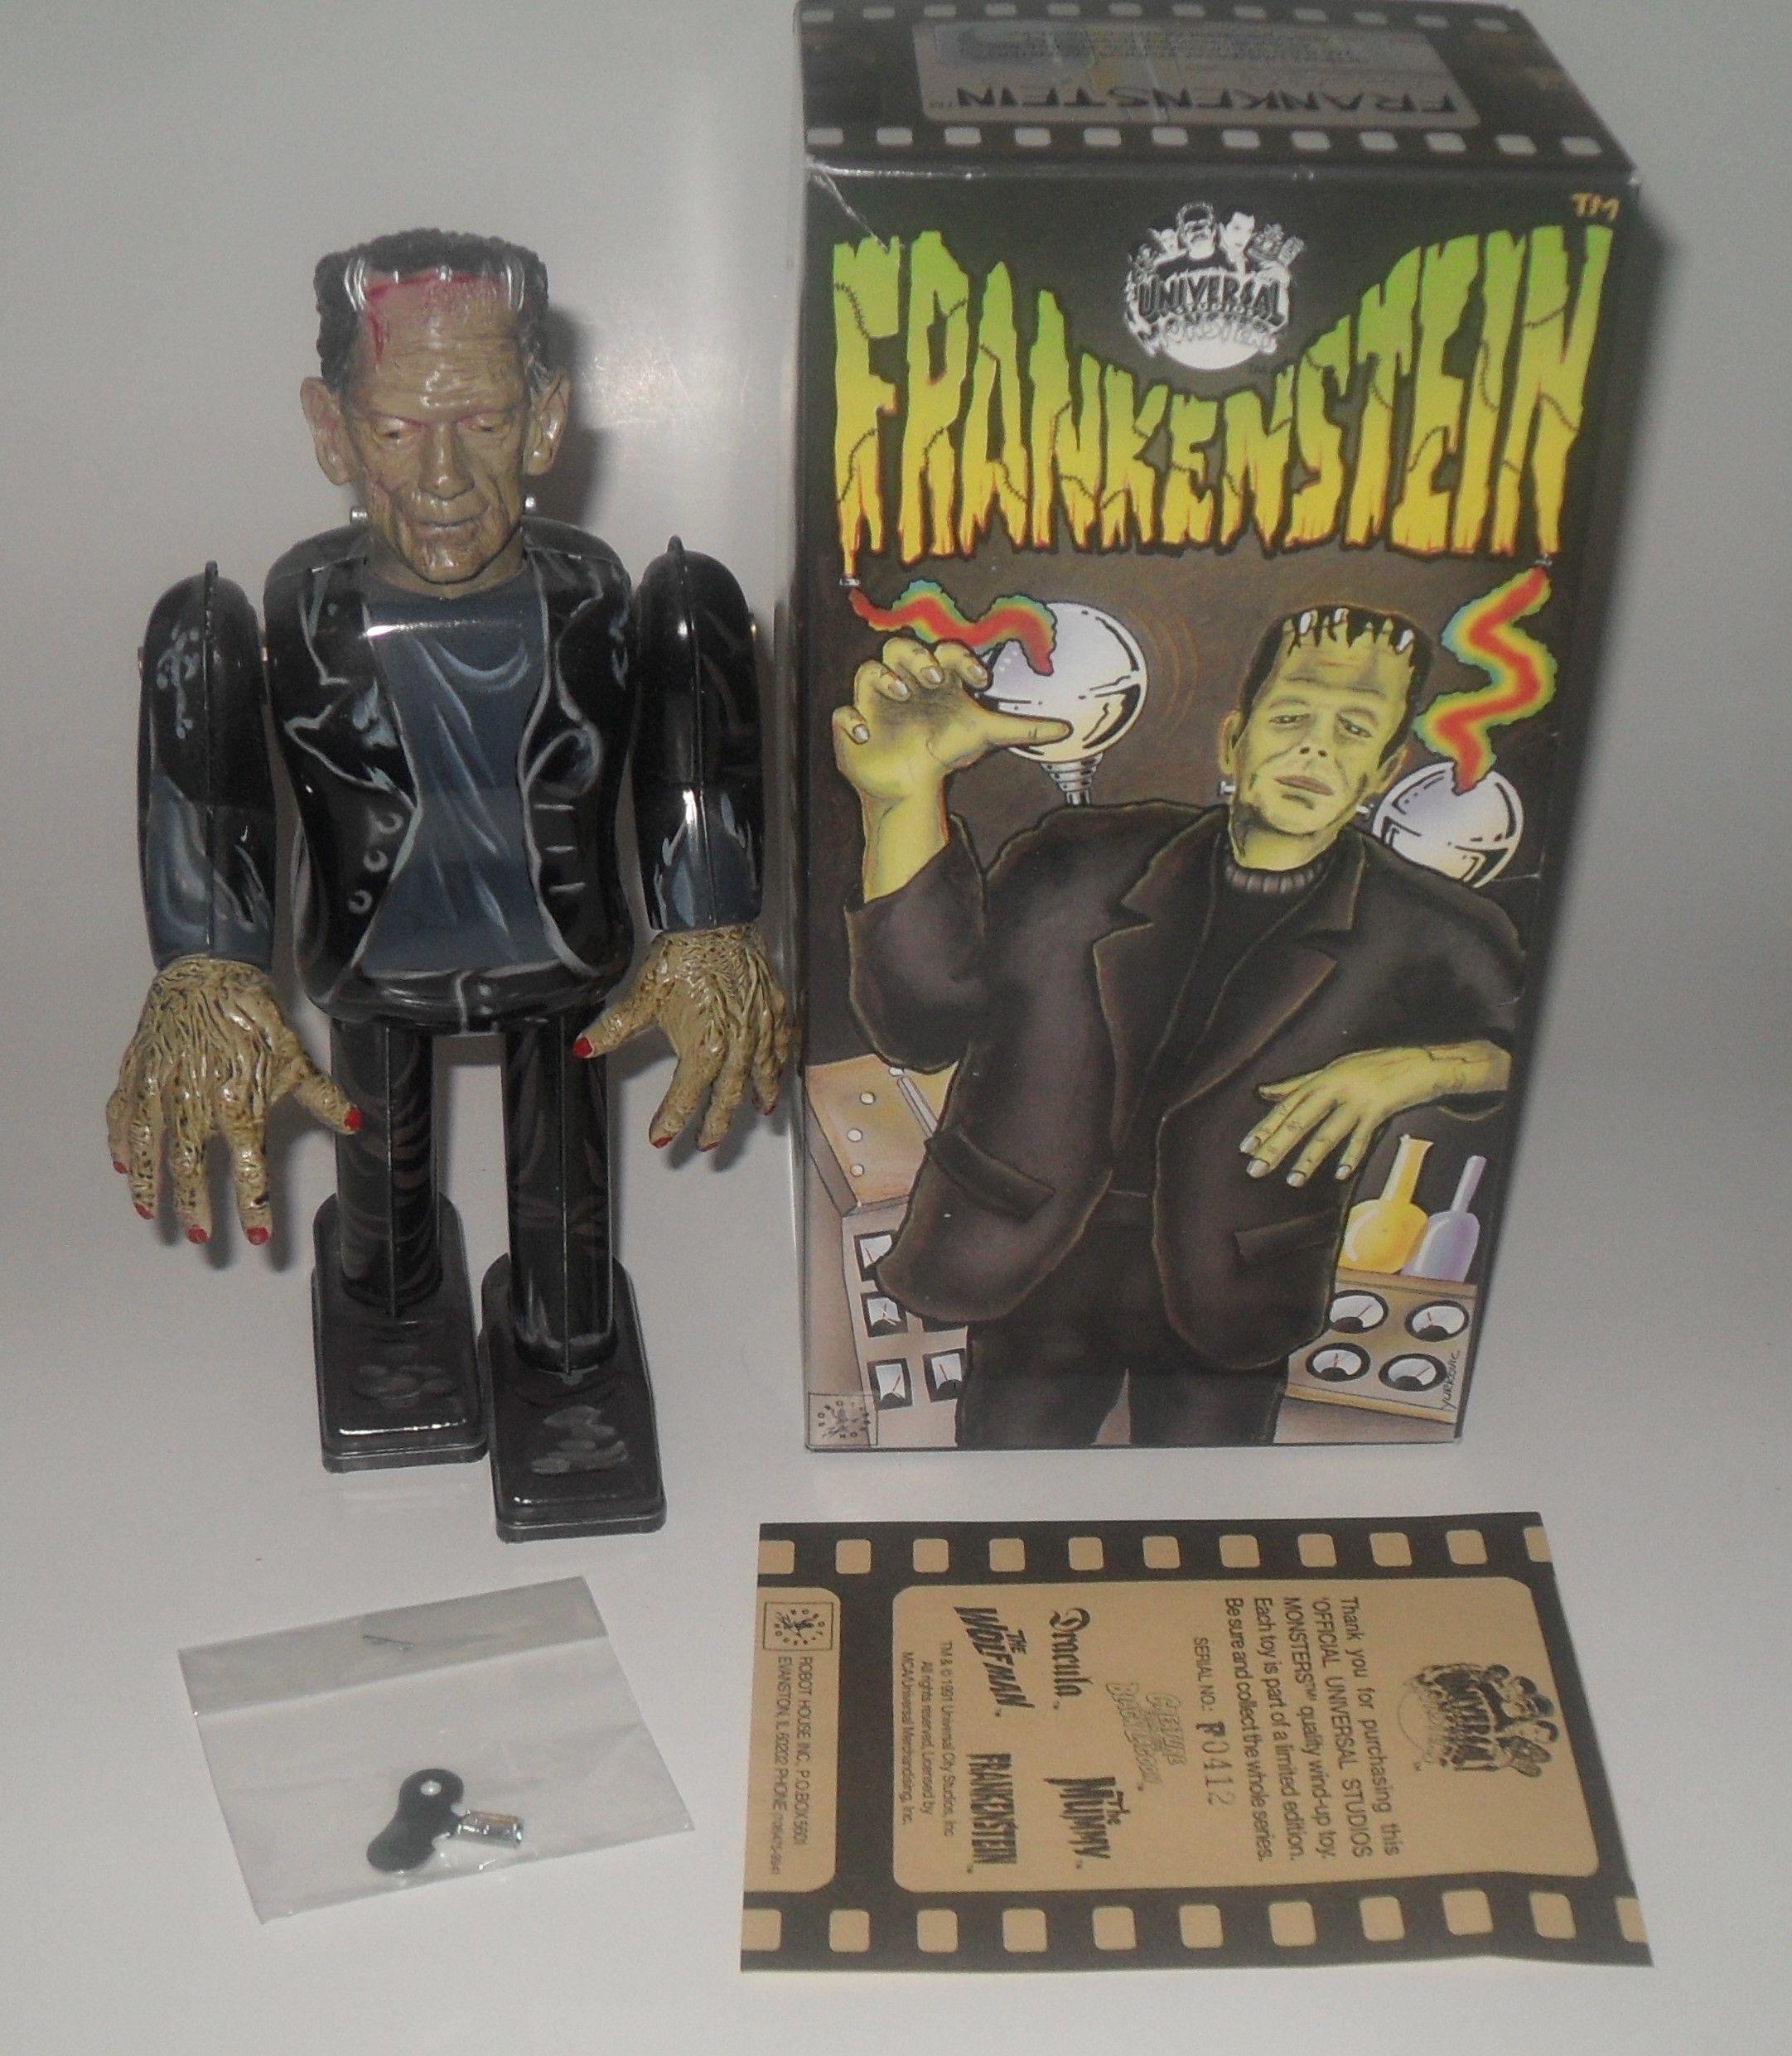 Images of vintage toys  Vintage Wind up Frankenstein  VINTAGE TOYS  Pinterest  Frankenstein